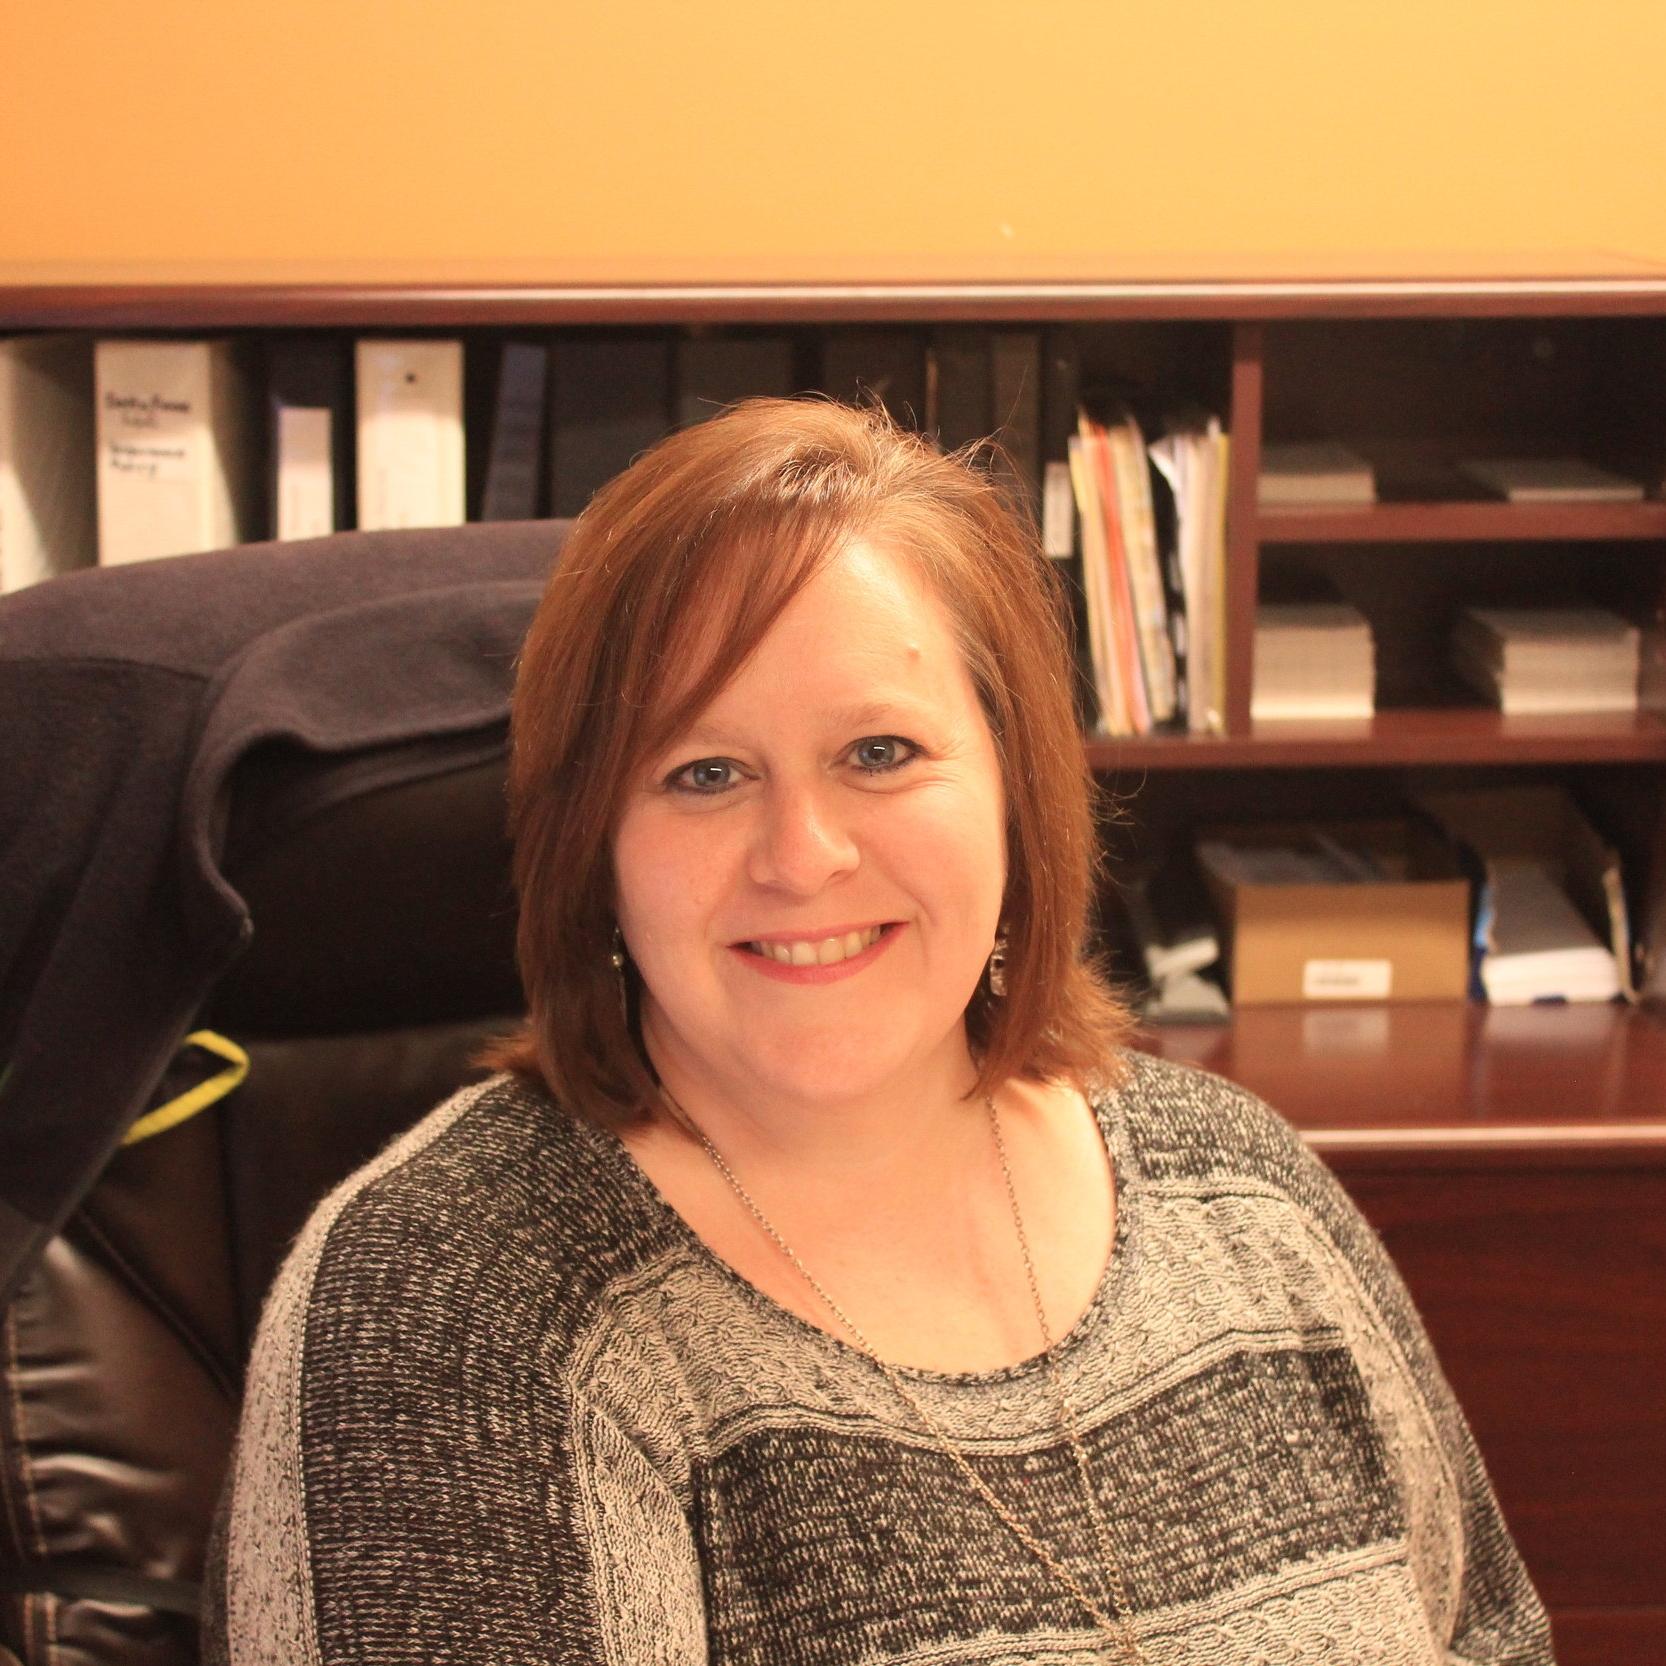 Jodie Austin, Controller